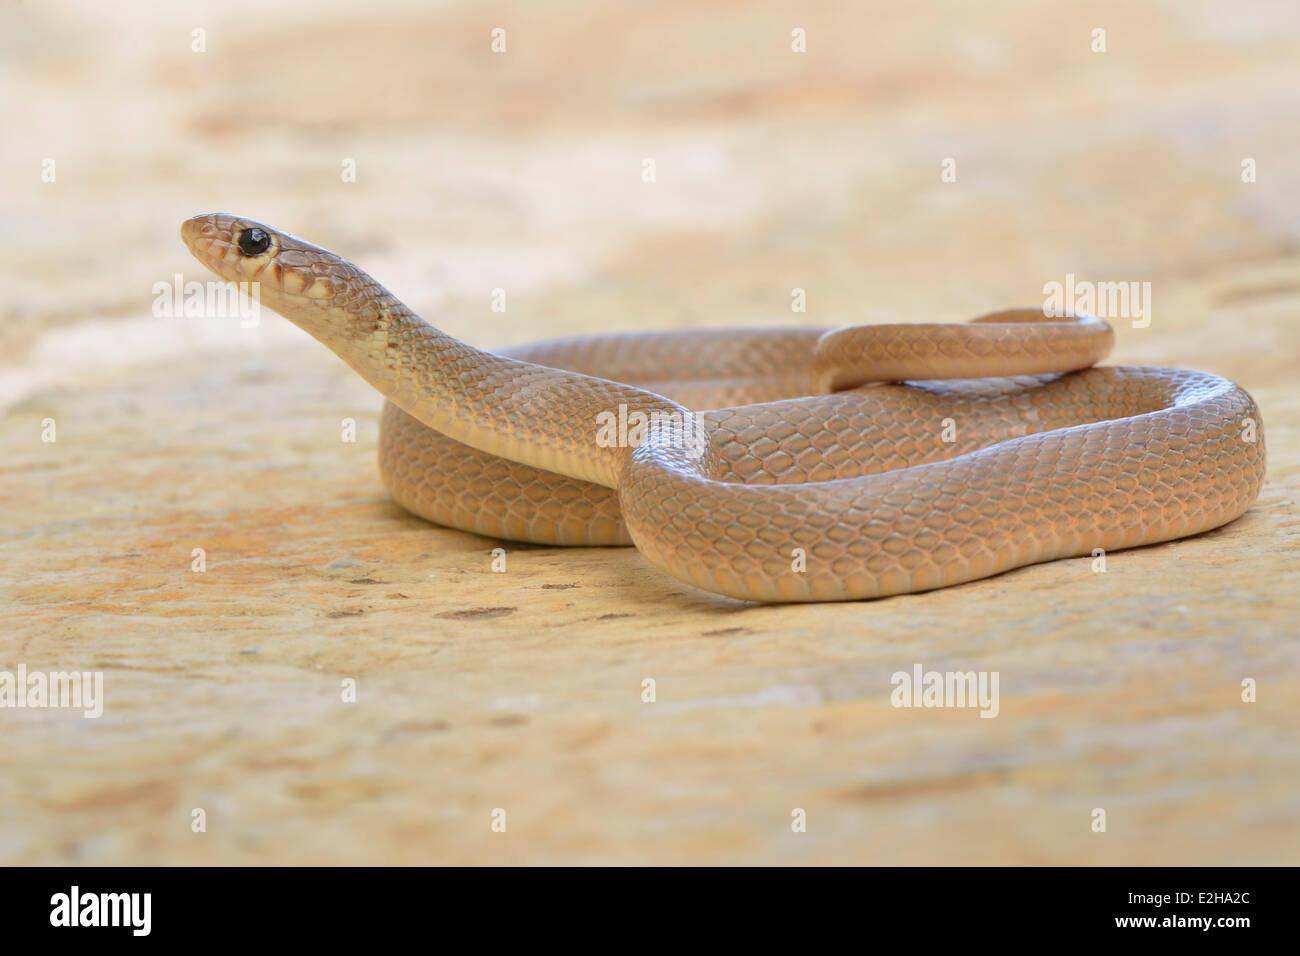 39f8829670a Nain à tête Bague Serpent (Eirenis modestus)